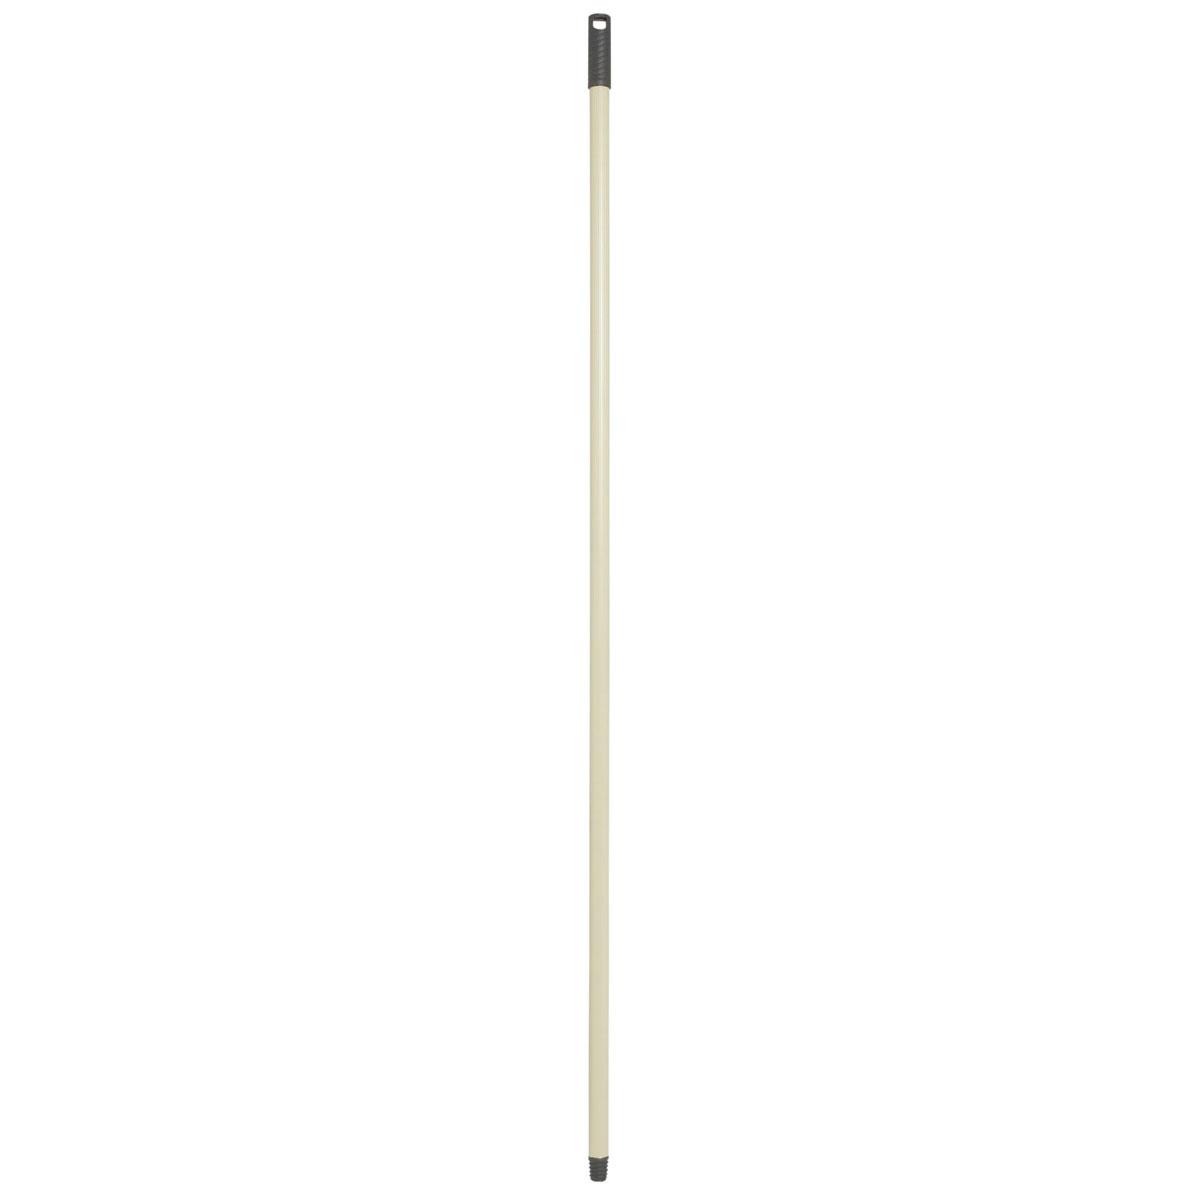 Ручка для швабры Apex Basic, 120 см. 11527-A11527-AСменная ручка Apex Basic для щетки или швабры изготовлена из стали покрытой пластиком. На рукоятке имеется небольшая петля, за которую изделие можно подвесить в удобном месте.